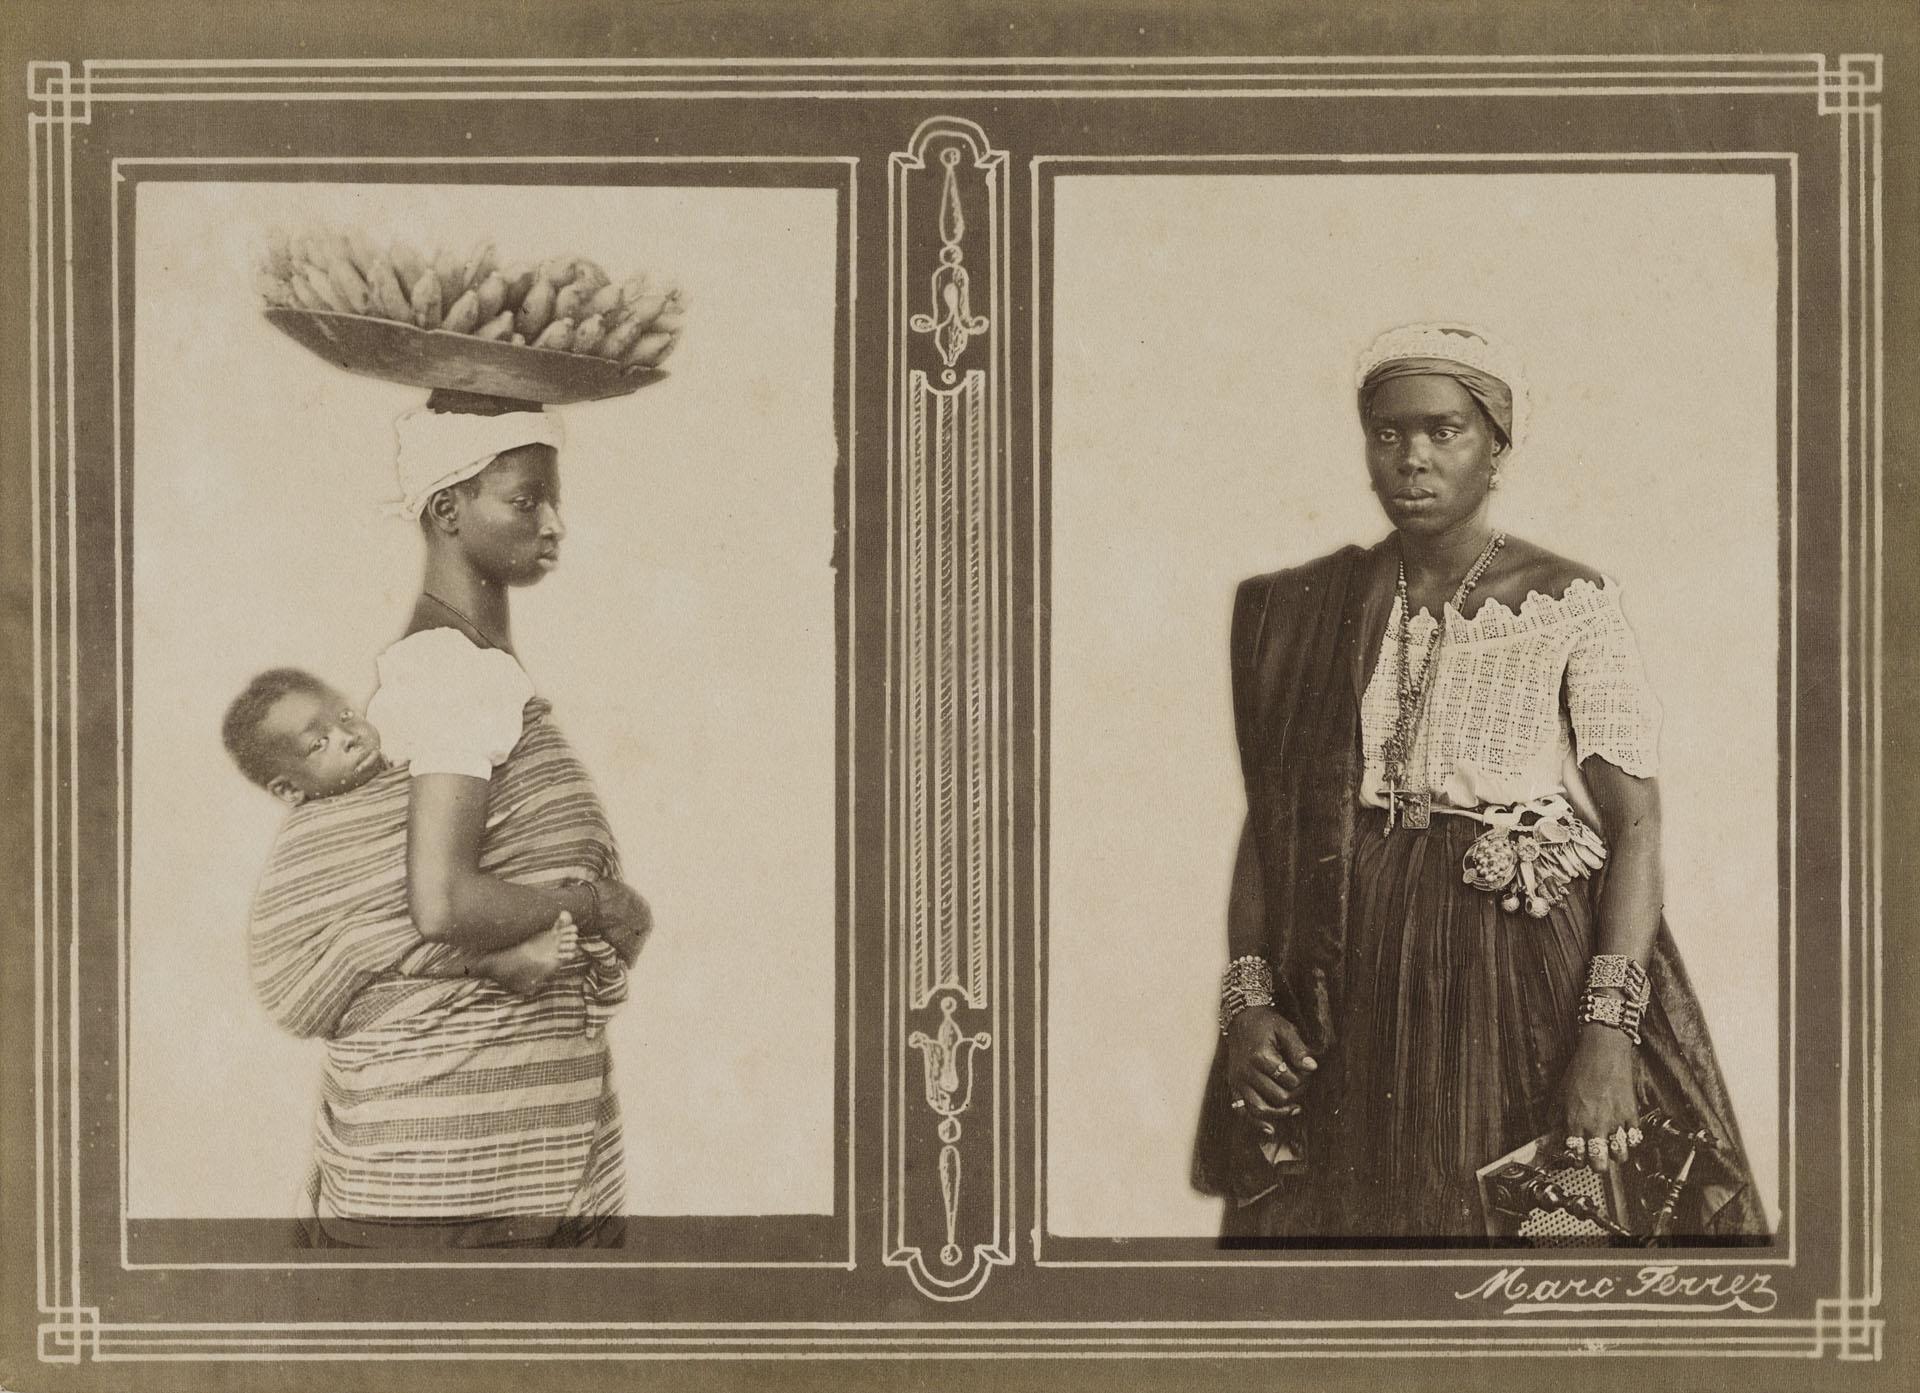 Vendedora de ganho e baiana em traje de beca da Irmandade da Boa Morte. Bahia, c. 1880. Foto de Marc Ferrez. Coleção Gilberto Ferrez / Acervo IMS